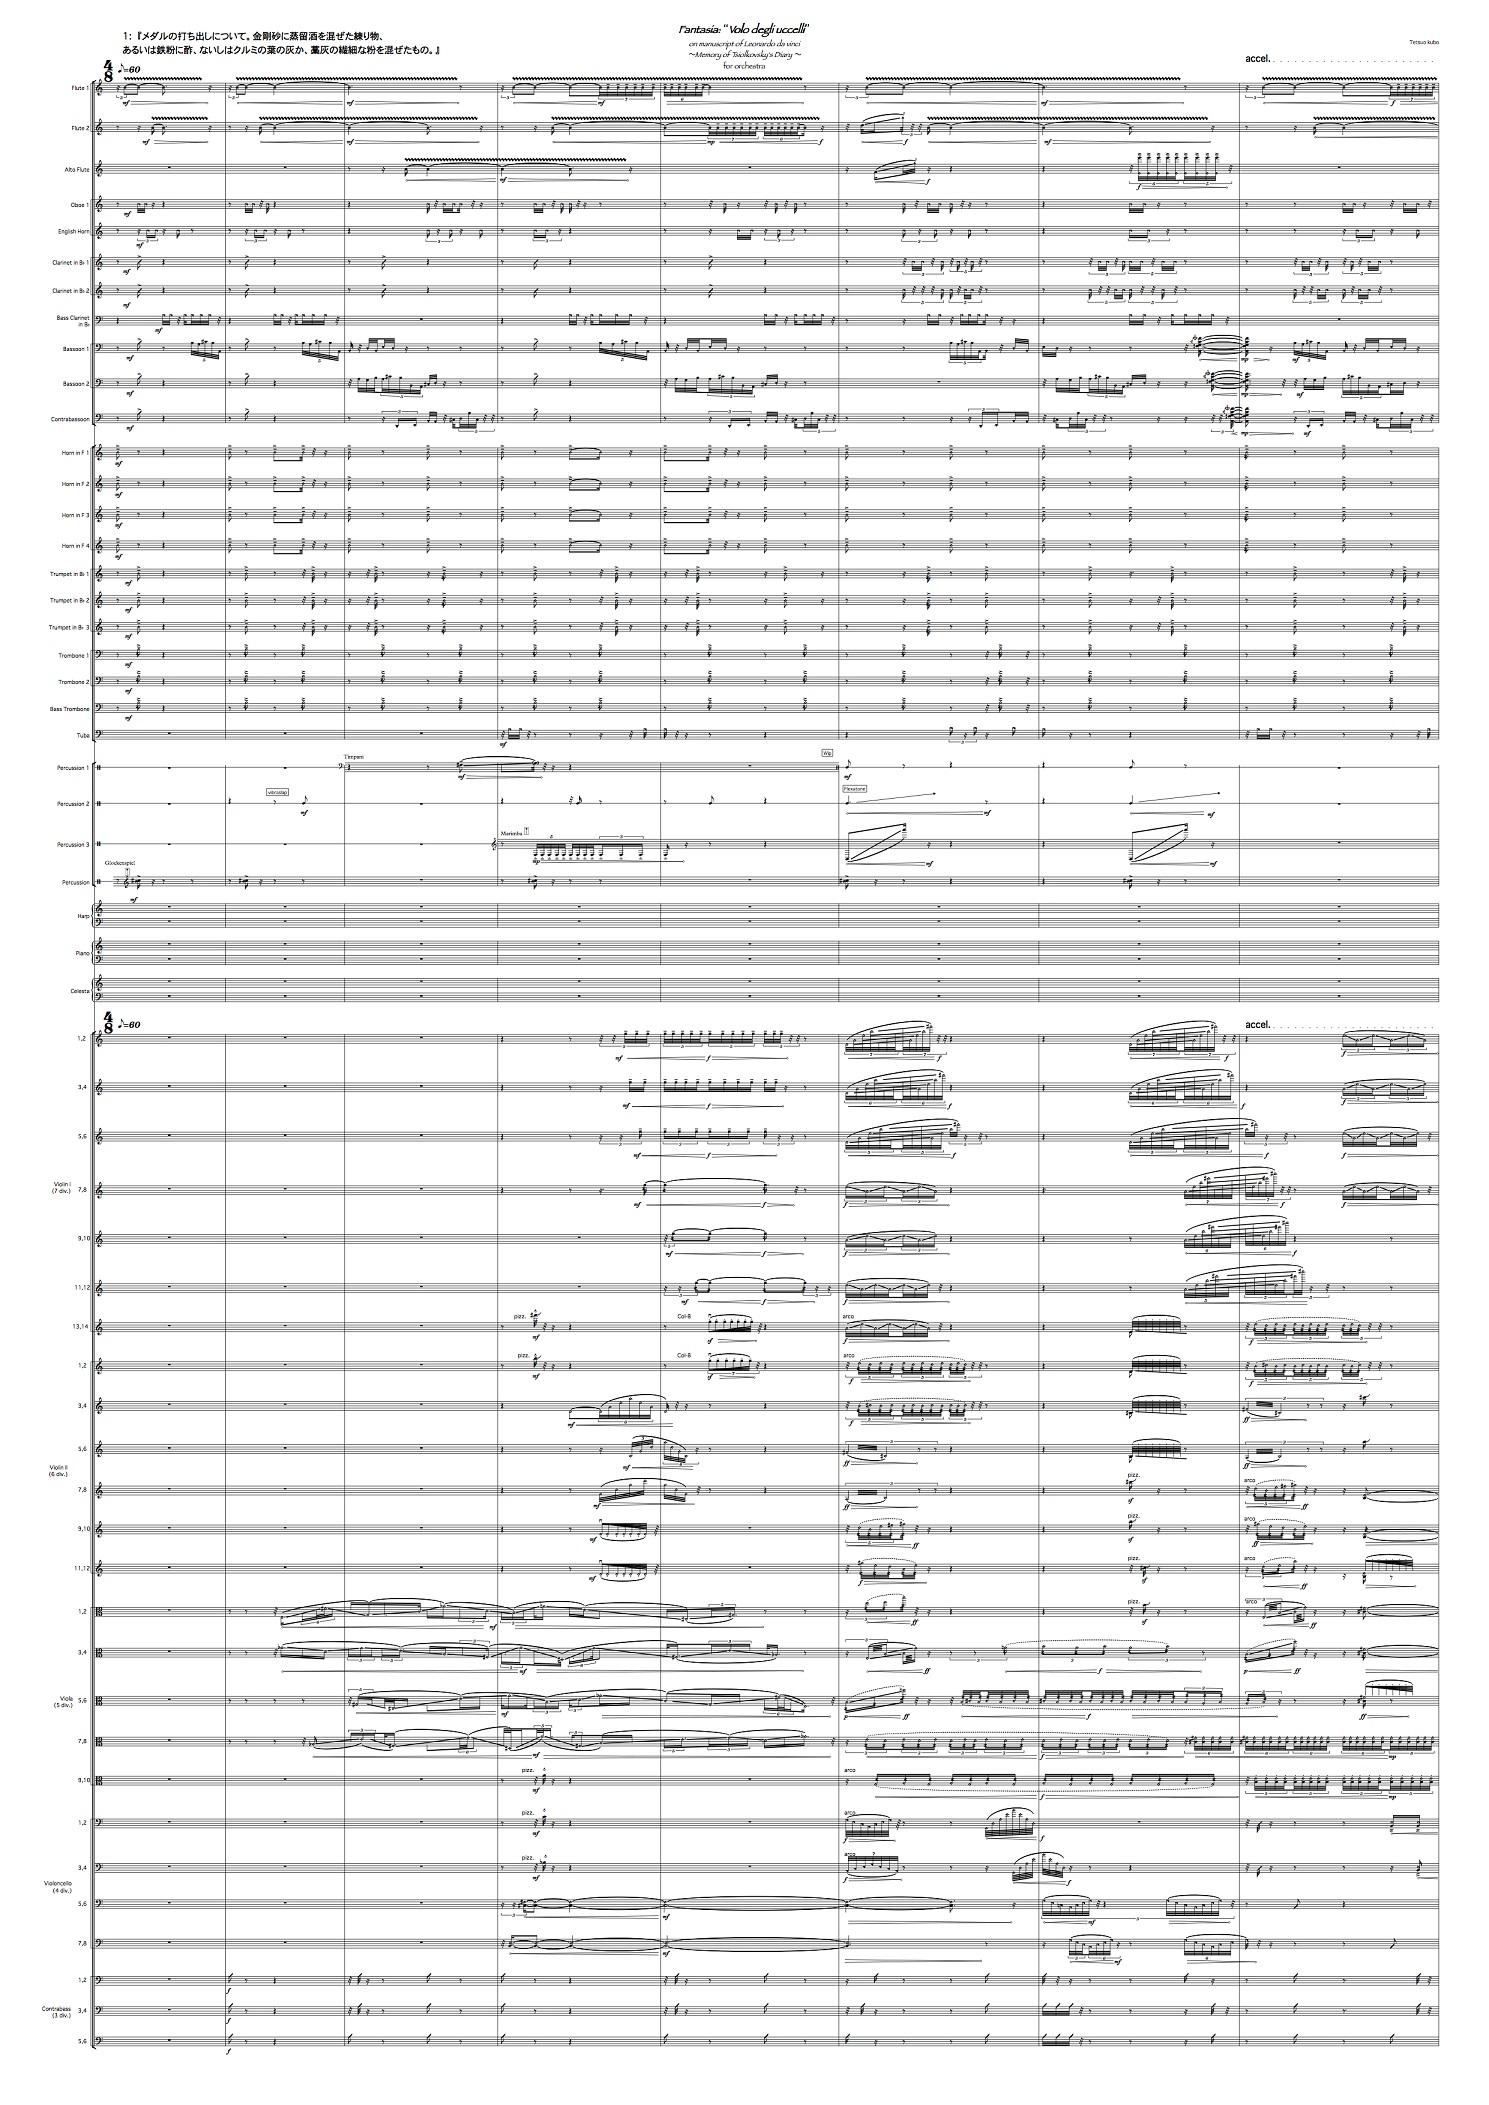 """《Fantasia:""""Volo degli uccelli"""" on manuscript of Leonardo da Vinci ~Memory of Tsiolkovsky's Diary~》for orchestra (2016)"""